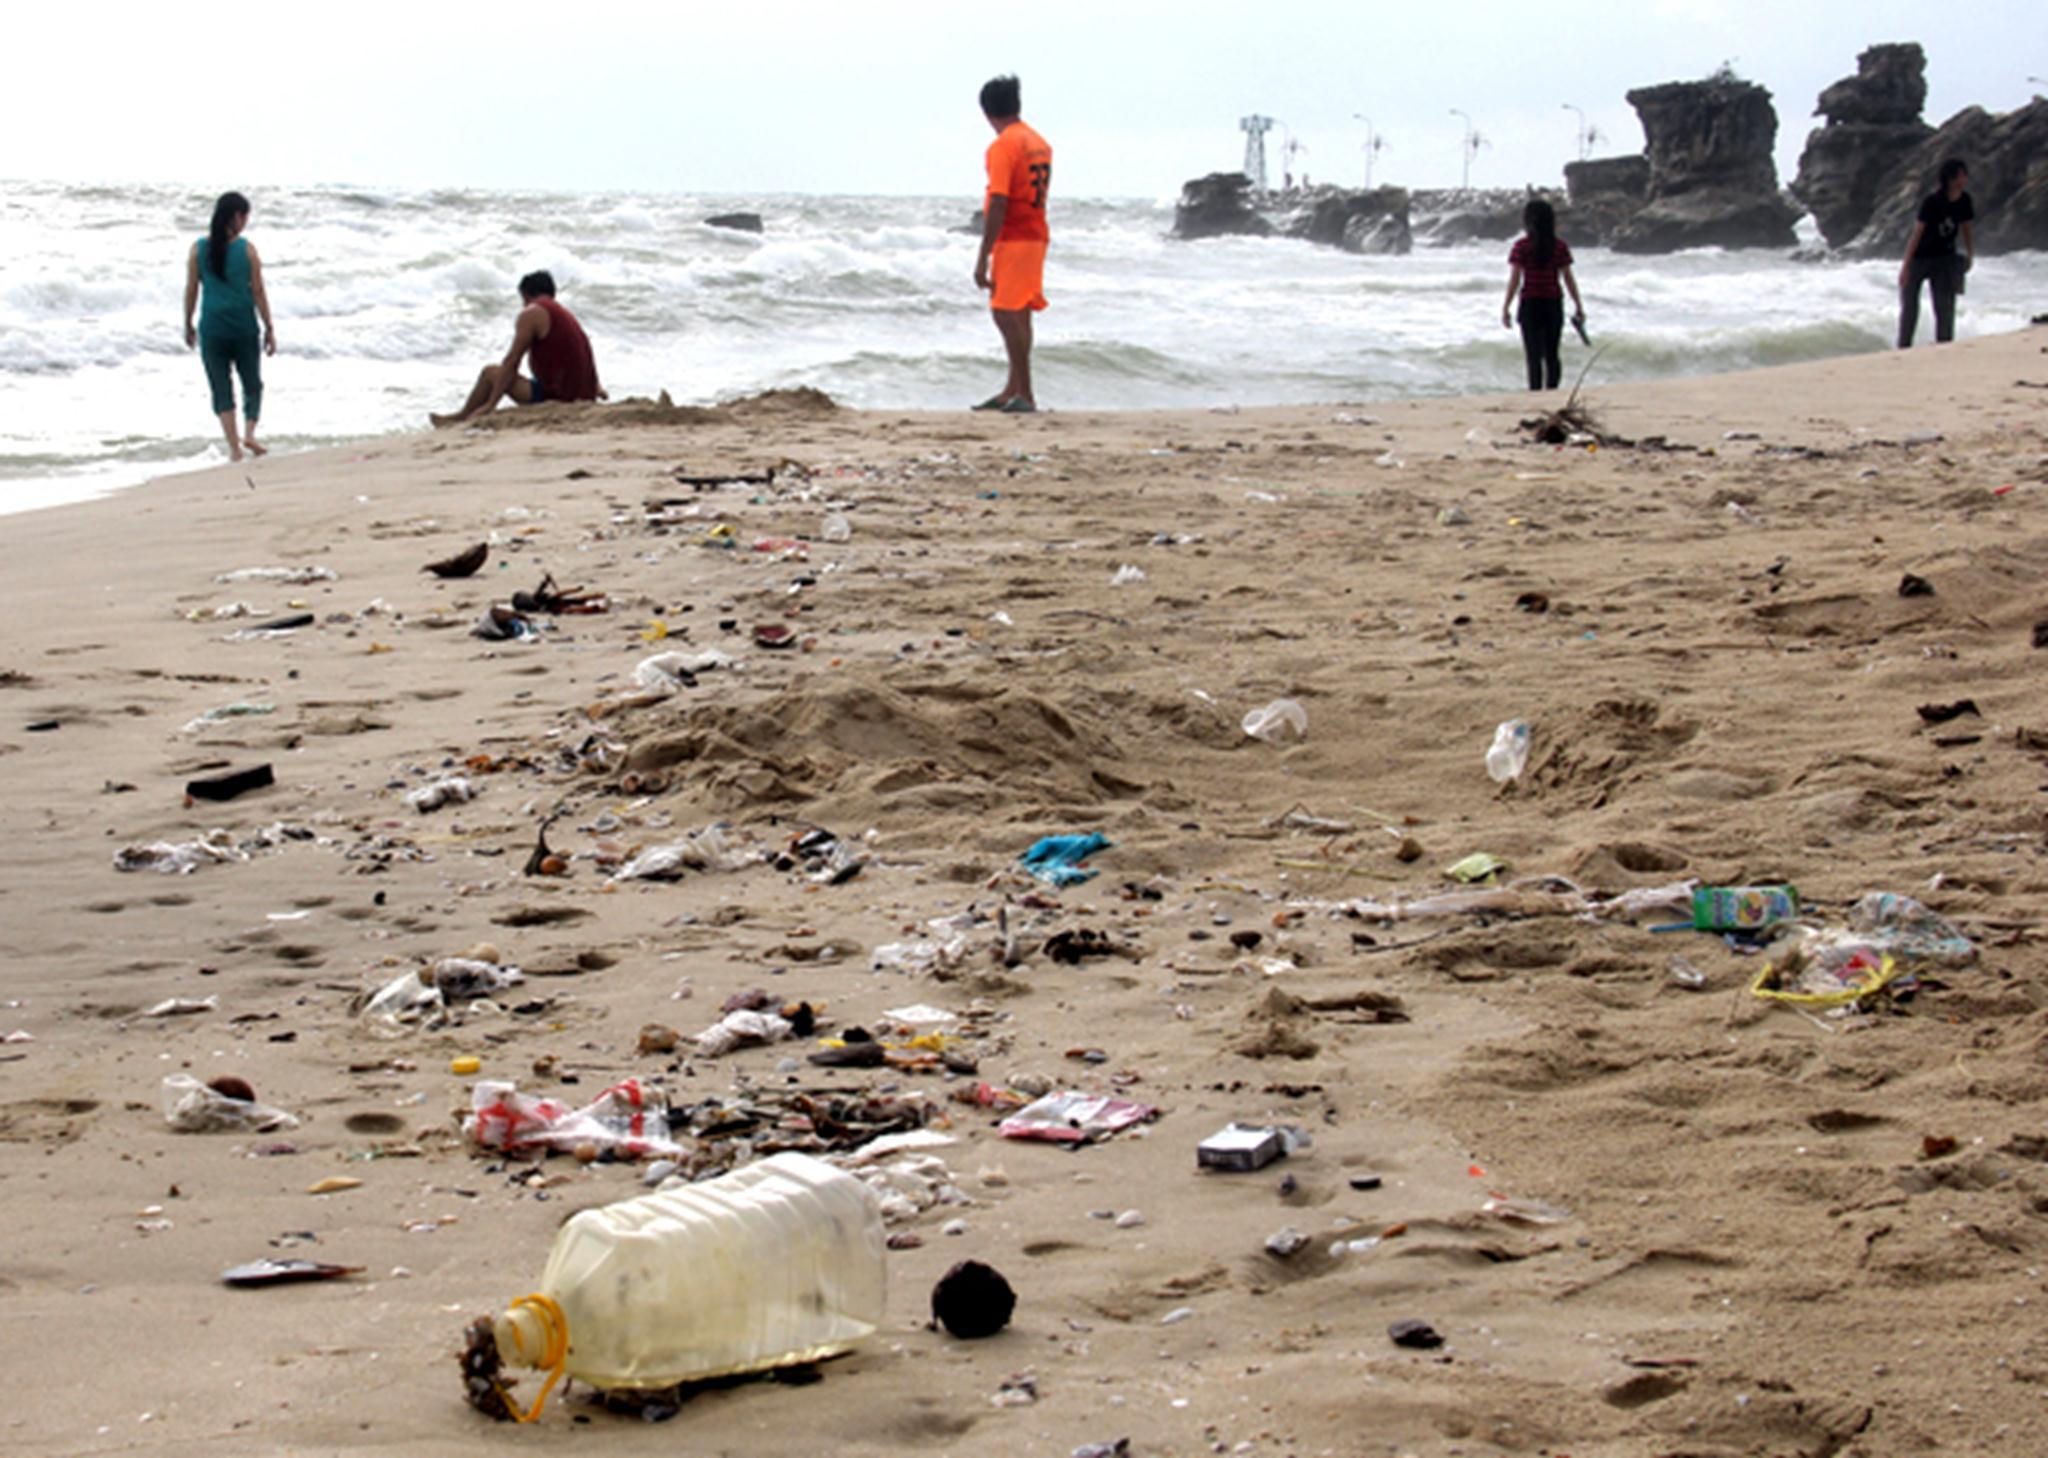 Chủ tịch UBND tỉnh Kiên Giang Lê Văn Thi cũng nhìn nhận môi trường Phú Quốc hiện chưa đảm bảo, cần phải tâp trung các biện pháp bảo vệ nếu không sắp tới lượng khách tăng với nhịp độ 30-40% mỗi năm thì việc bảo vệ môi trường ở đây sẽ khó hơn.